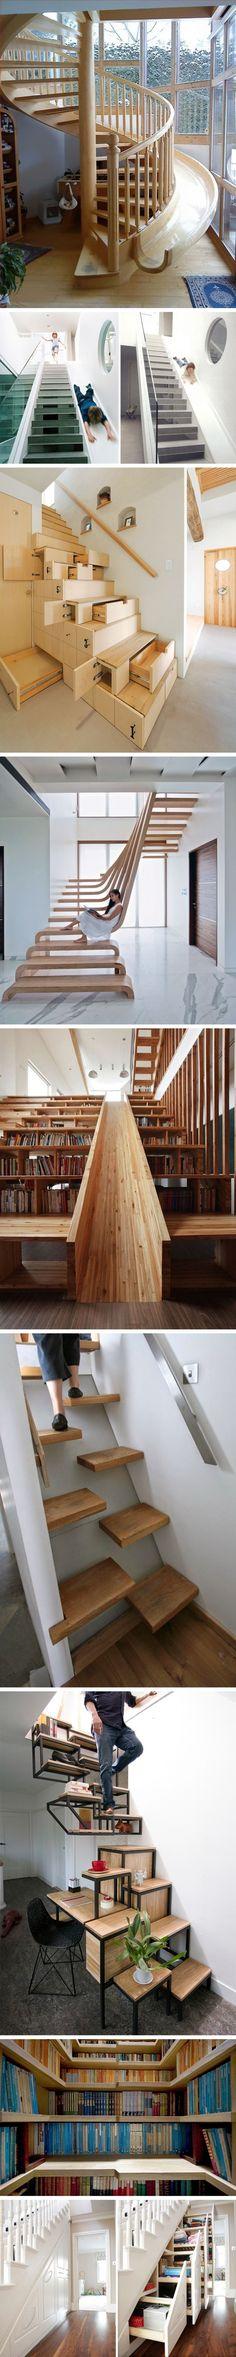 Yaratıcı ve Kullanışlı 10 Merdiven Tasarımı www.4finite.com